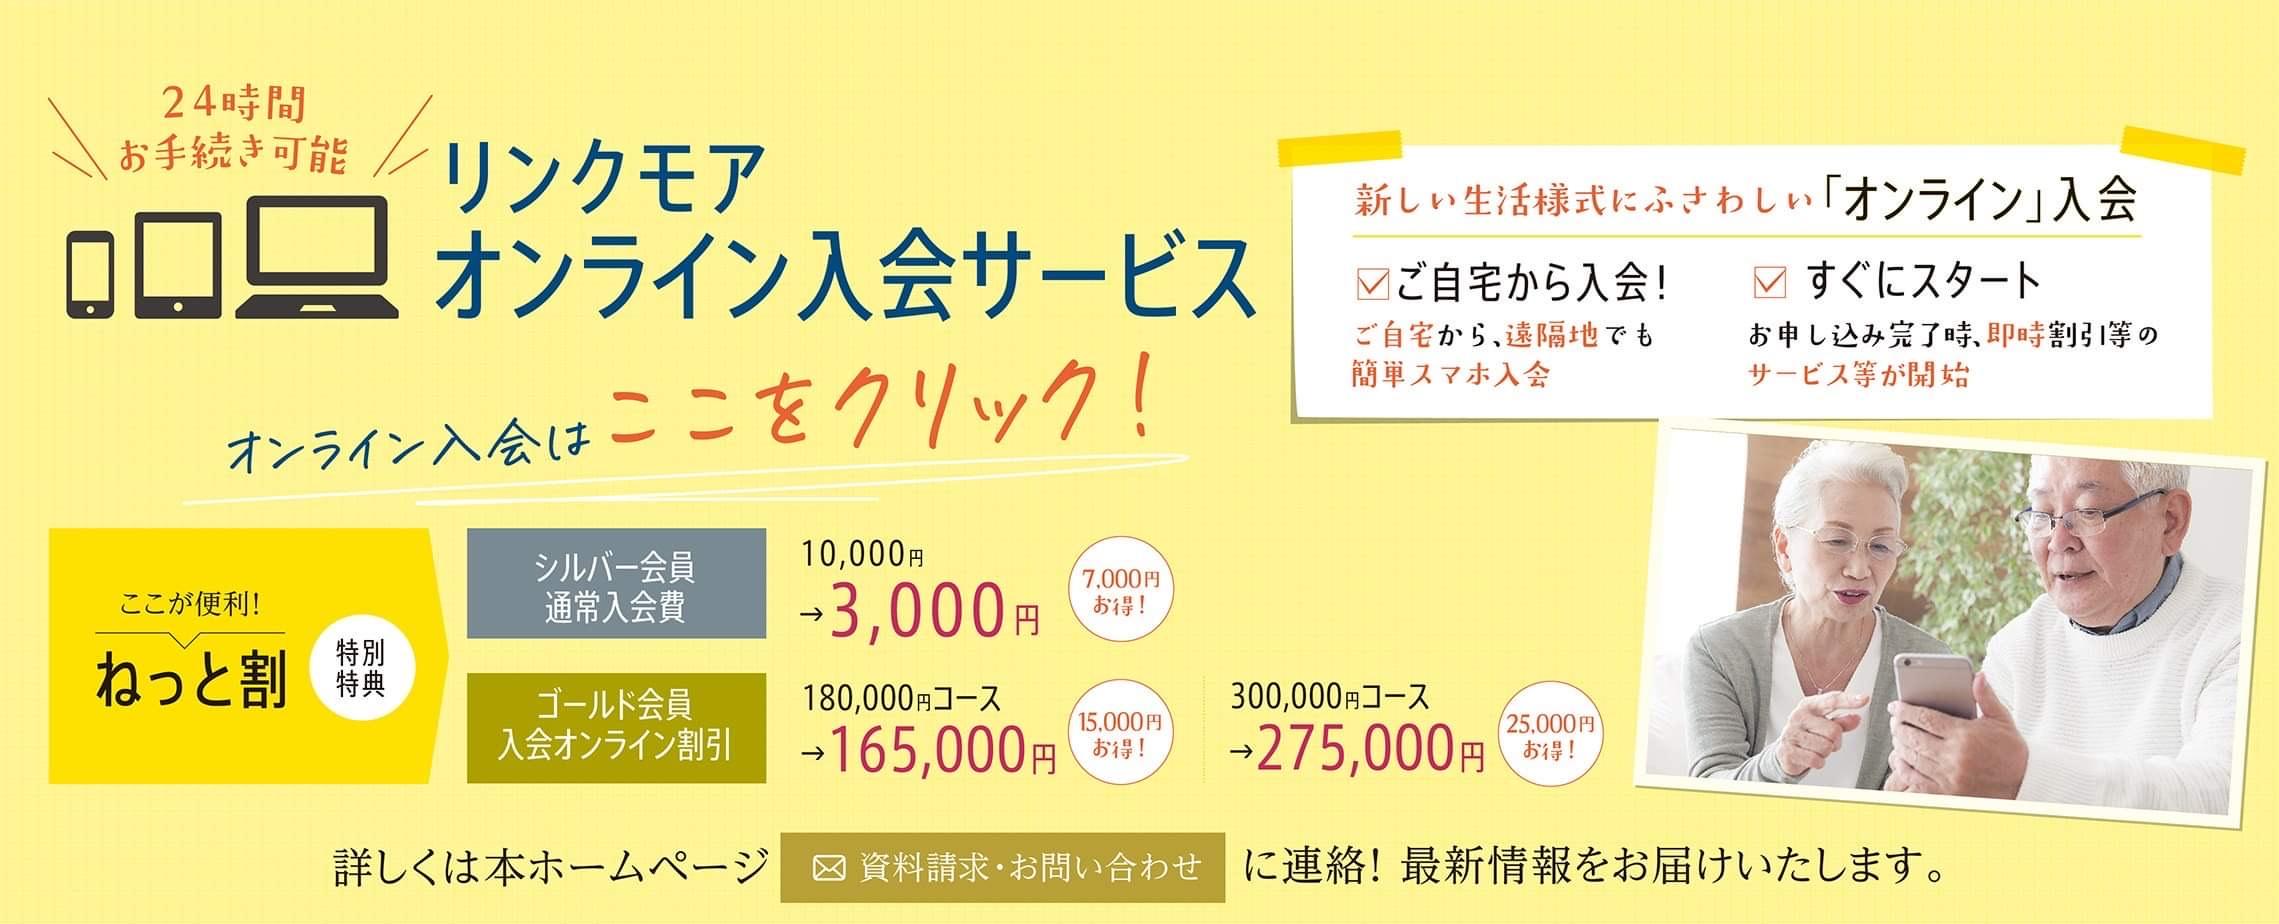 リンクモア オンライン入会サービス